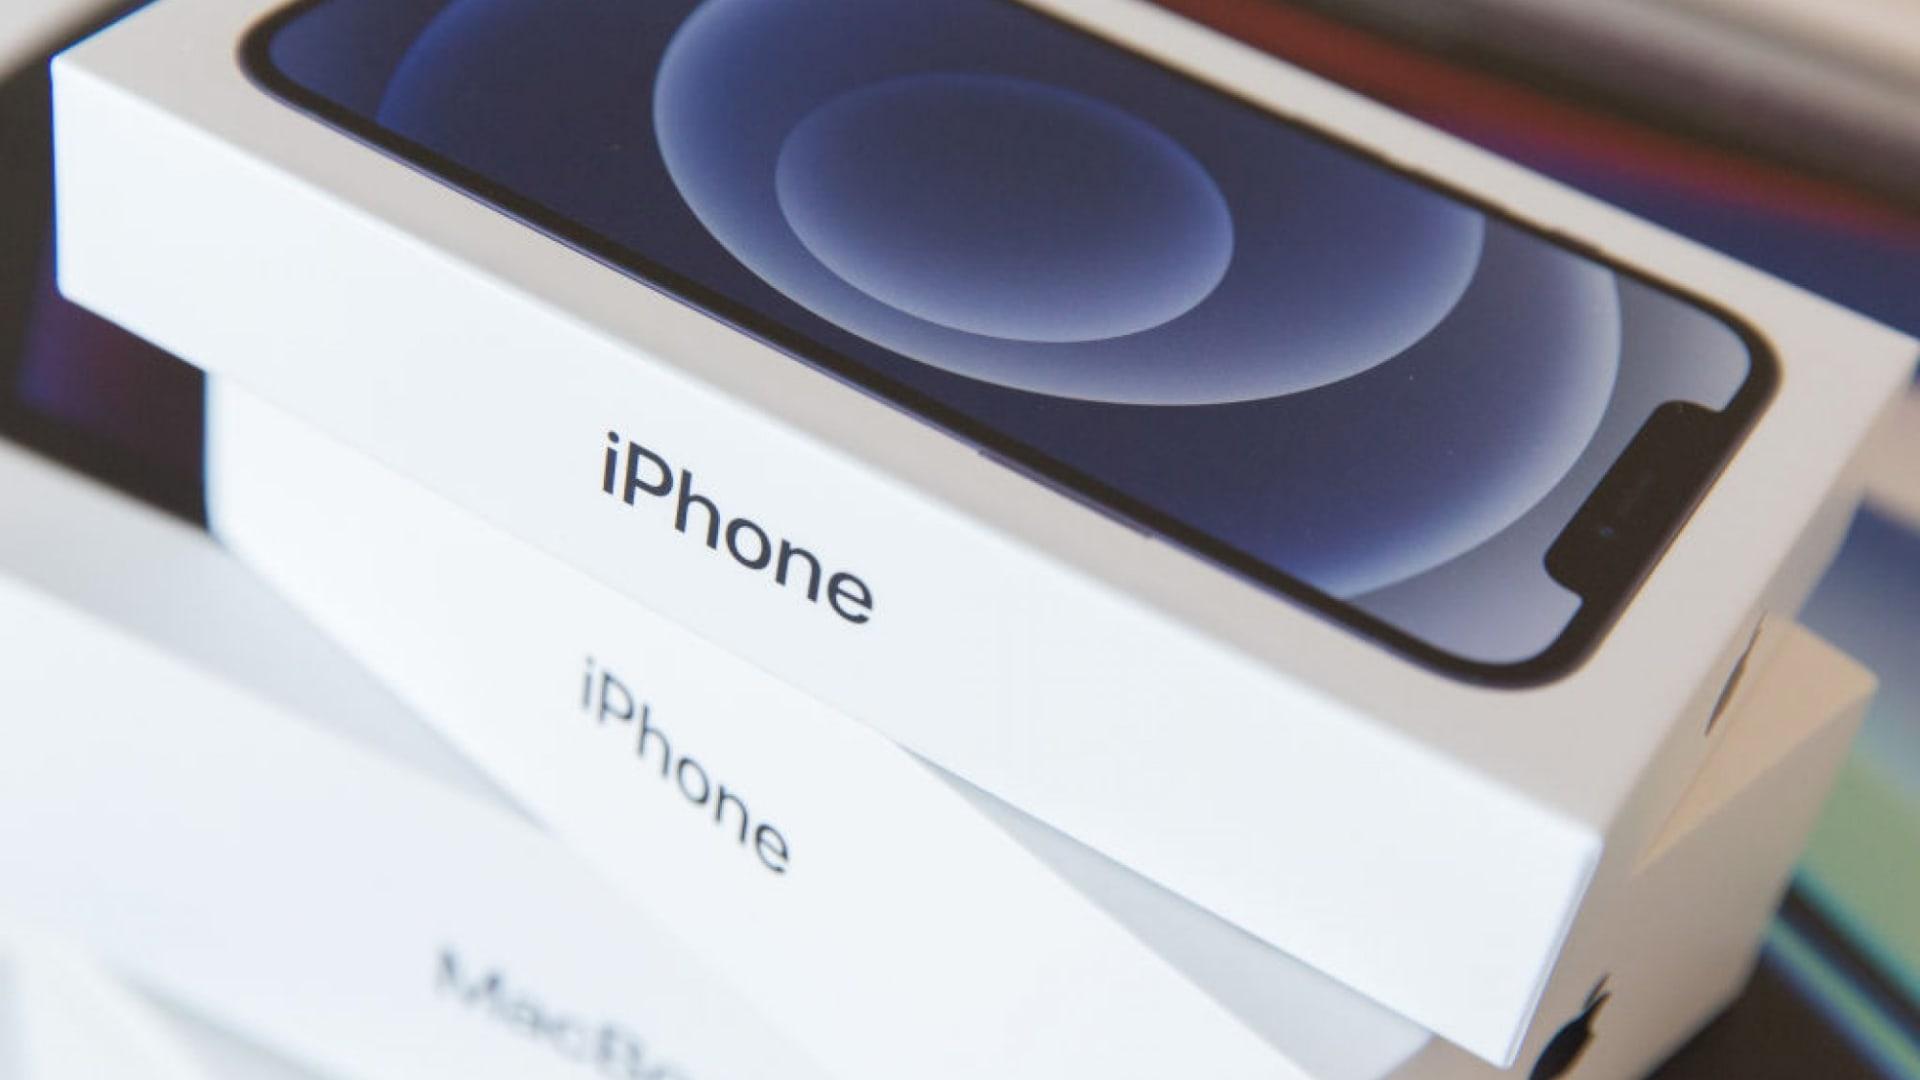 The 7 Best 5G Smartphones of 2020